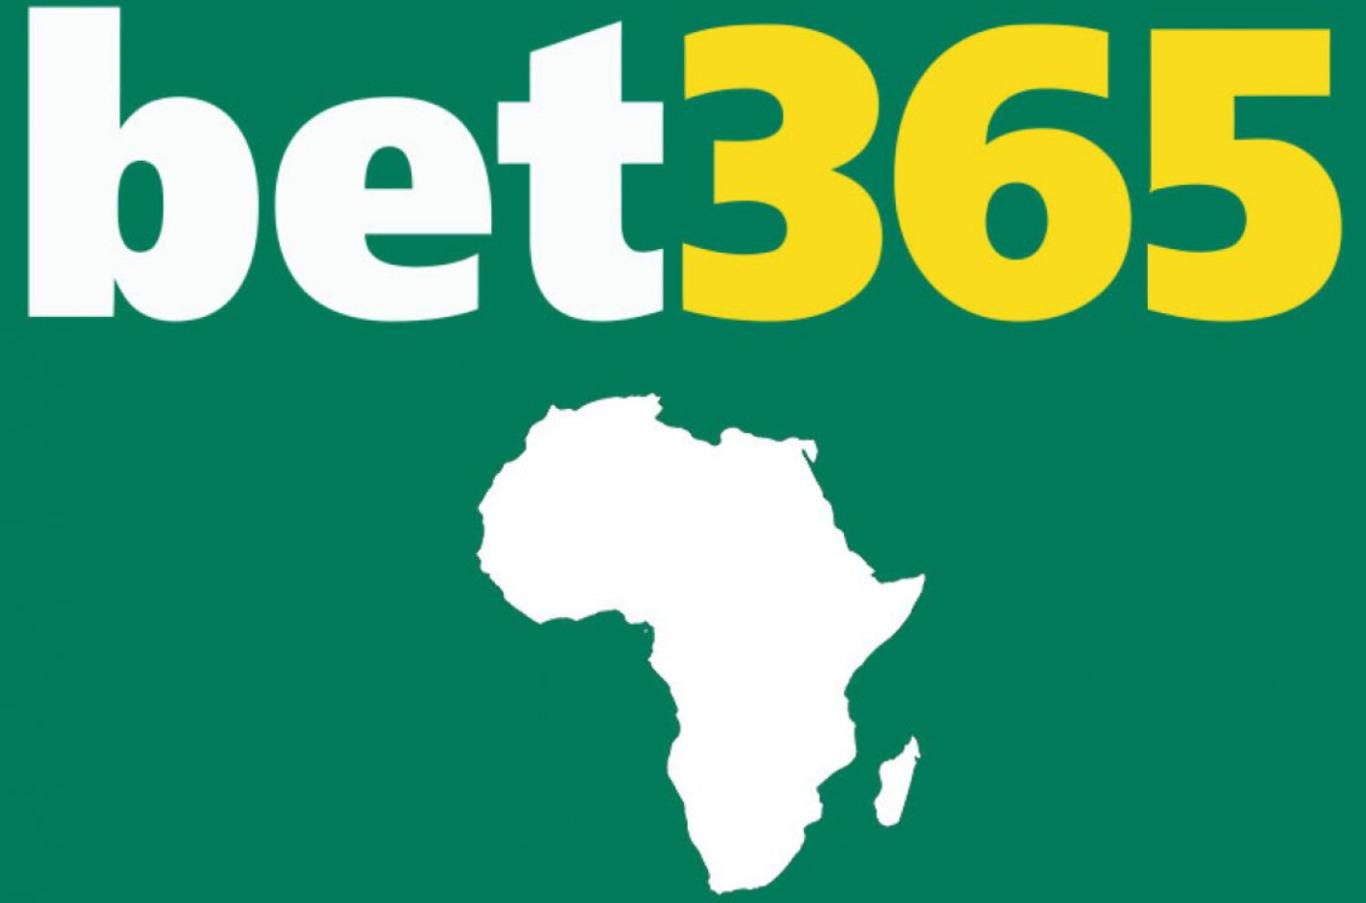 Código bônus Bet365 do casino: como retirar o dinheiro que ganha com o bônus